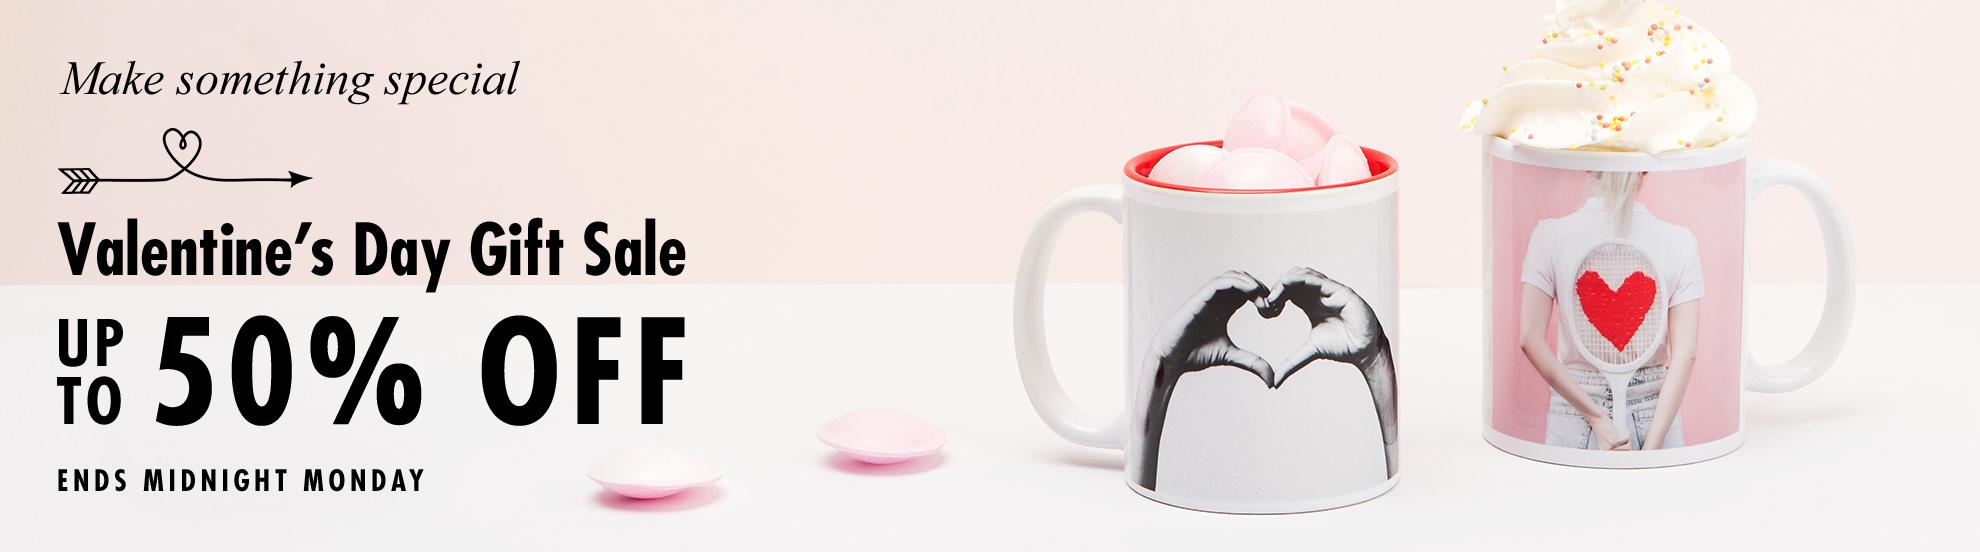 valentines photobox discount